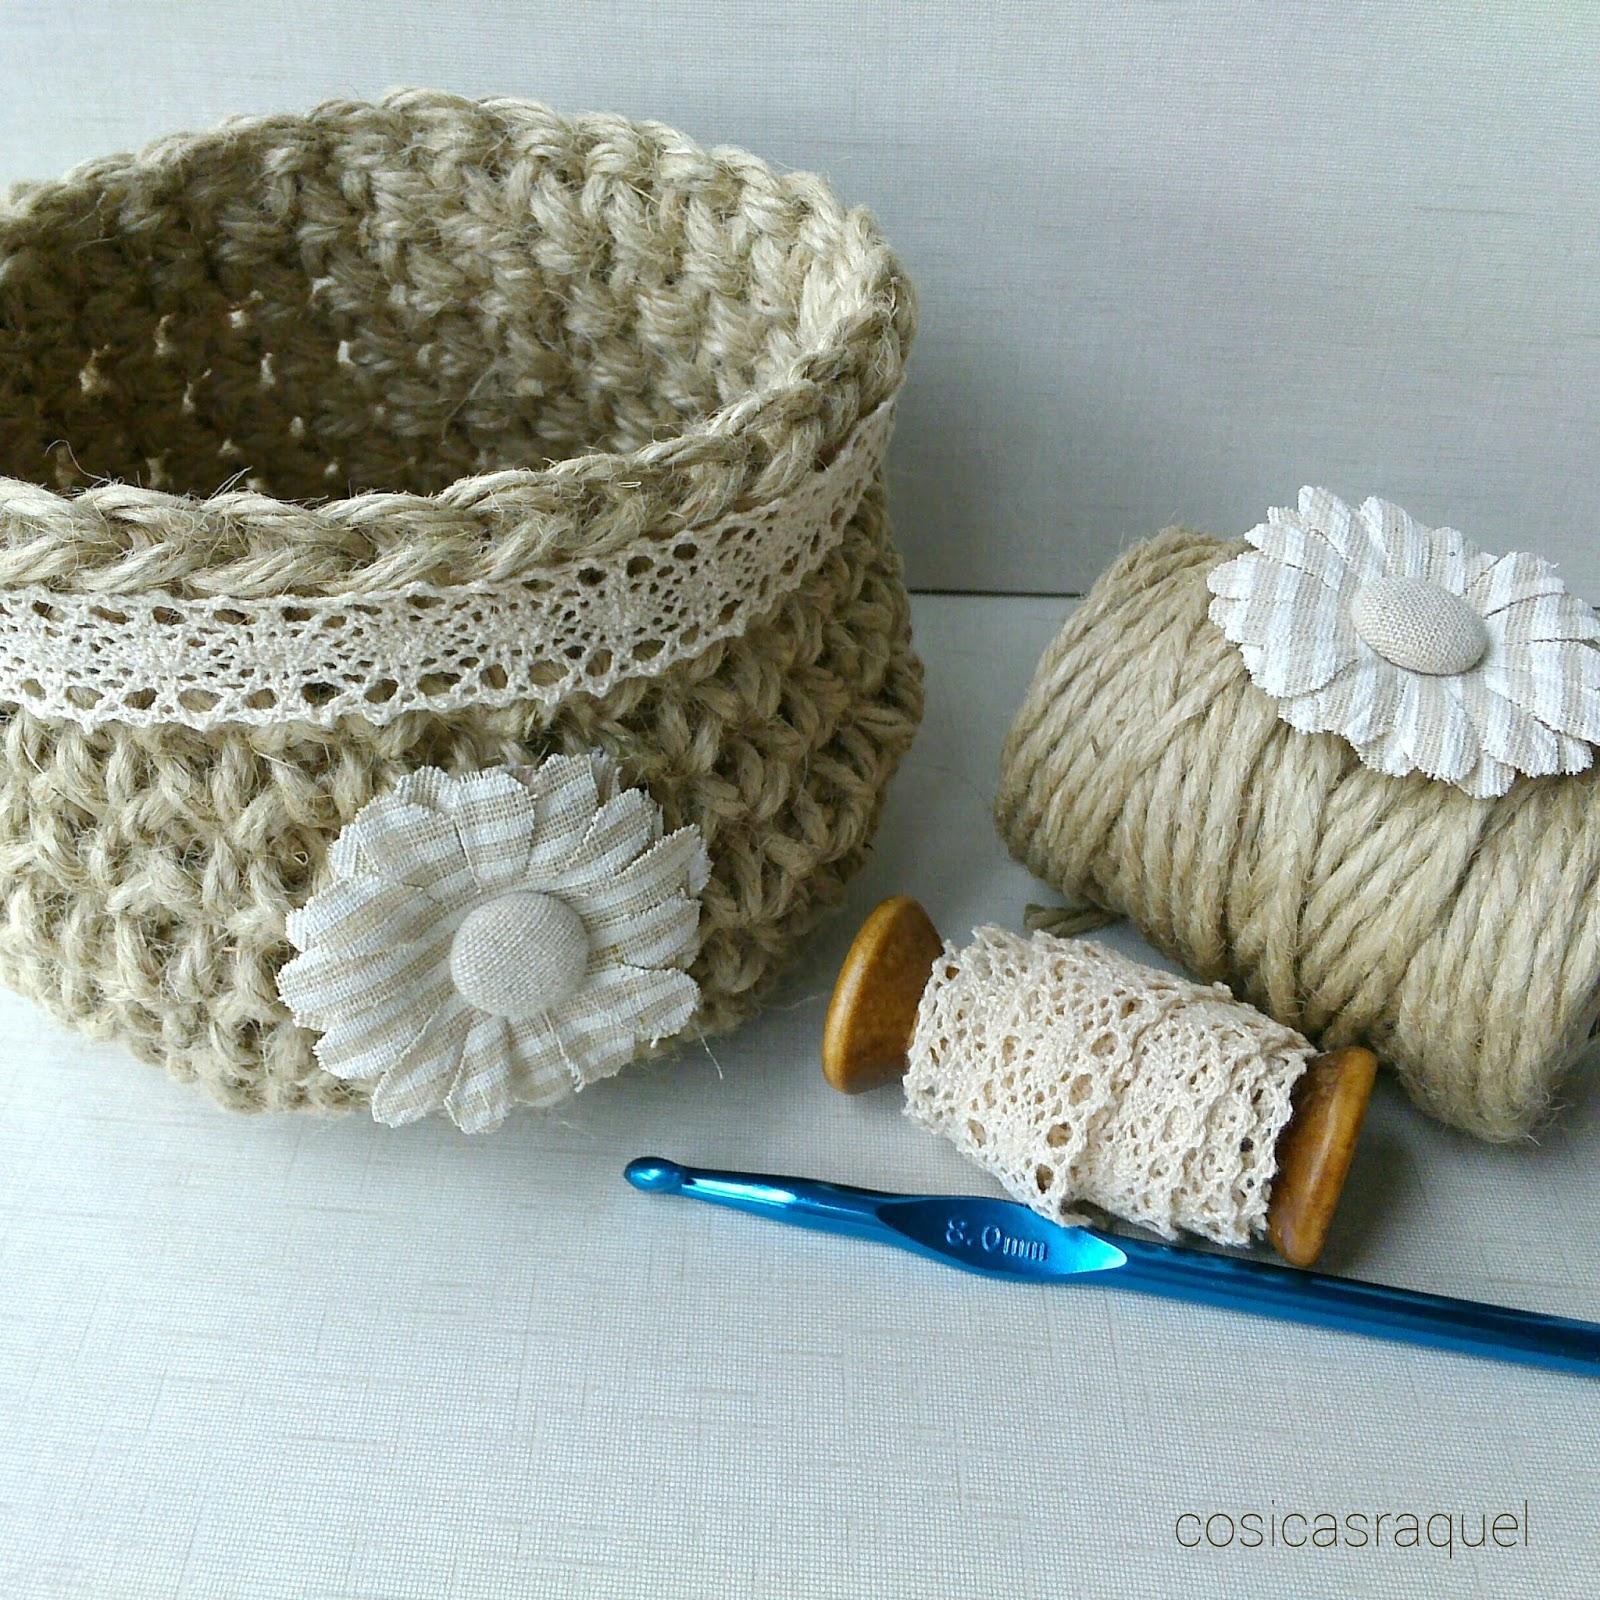 cosicasraquel: Patrón Cesta de Cuerda a Crochet